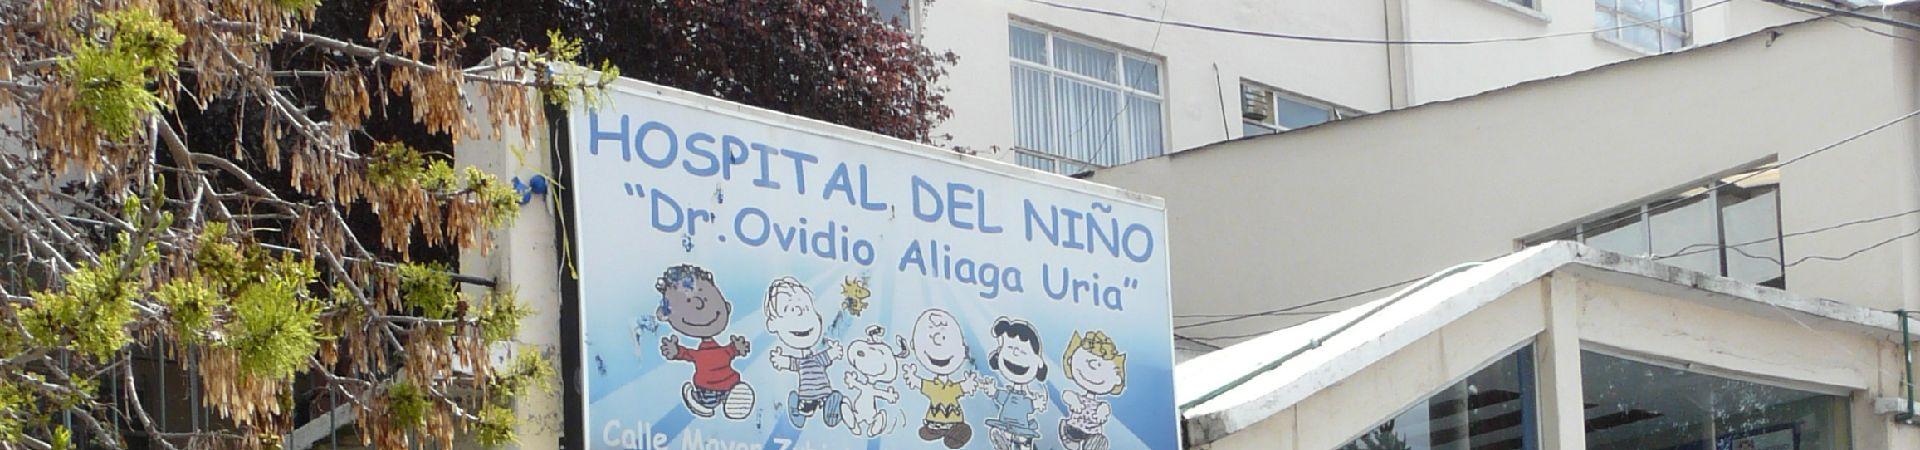 Milchprojekt im Hospital del Nino in La Paz